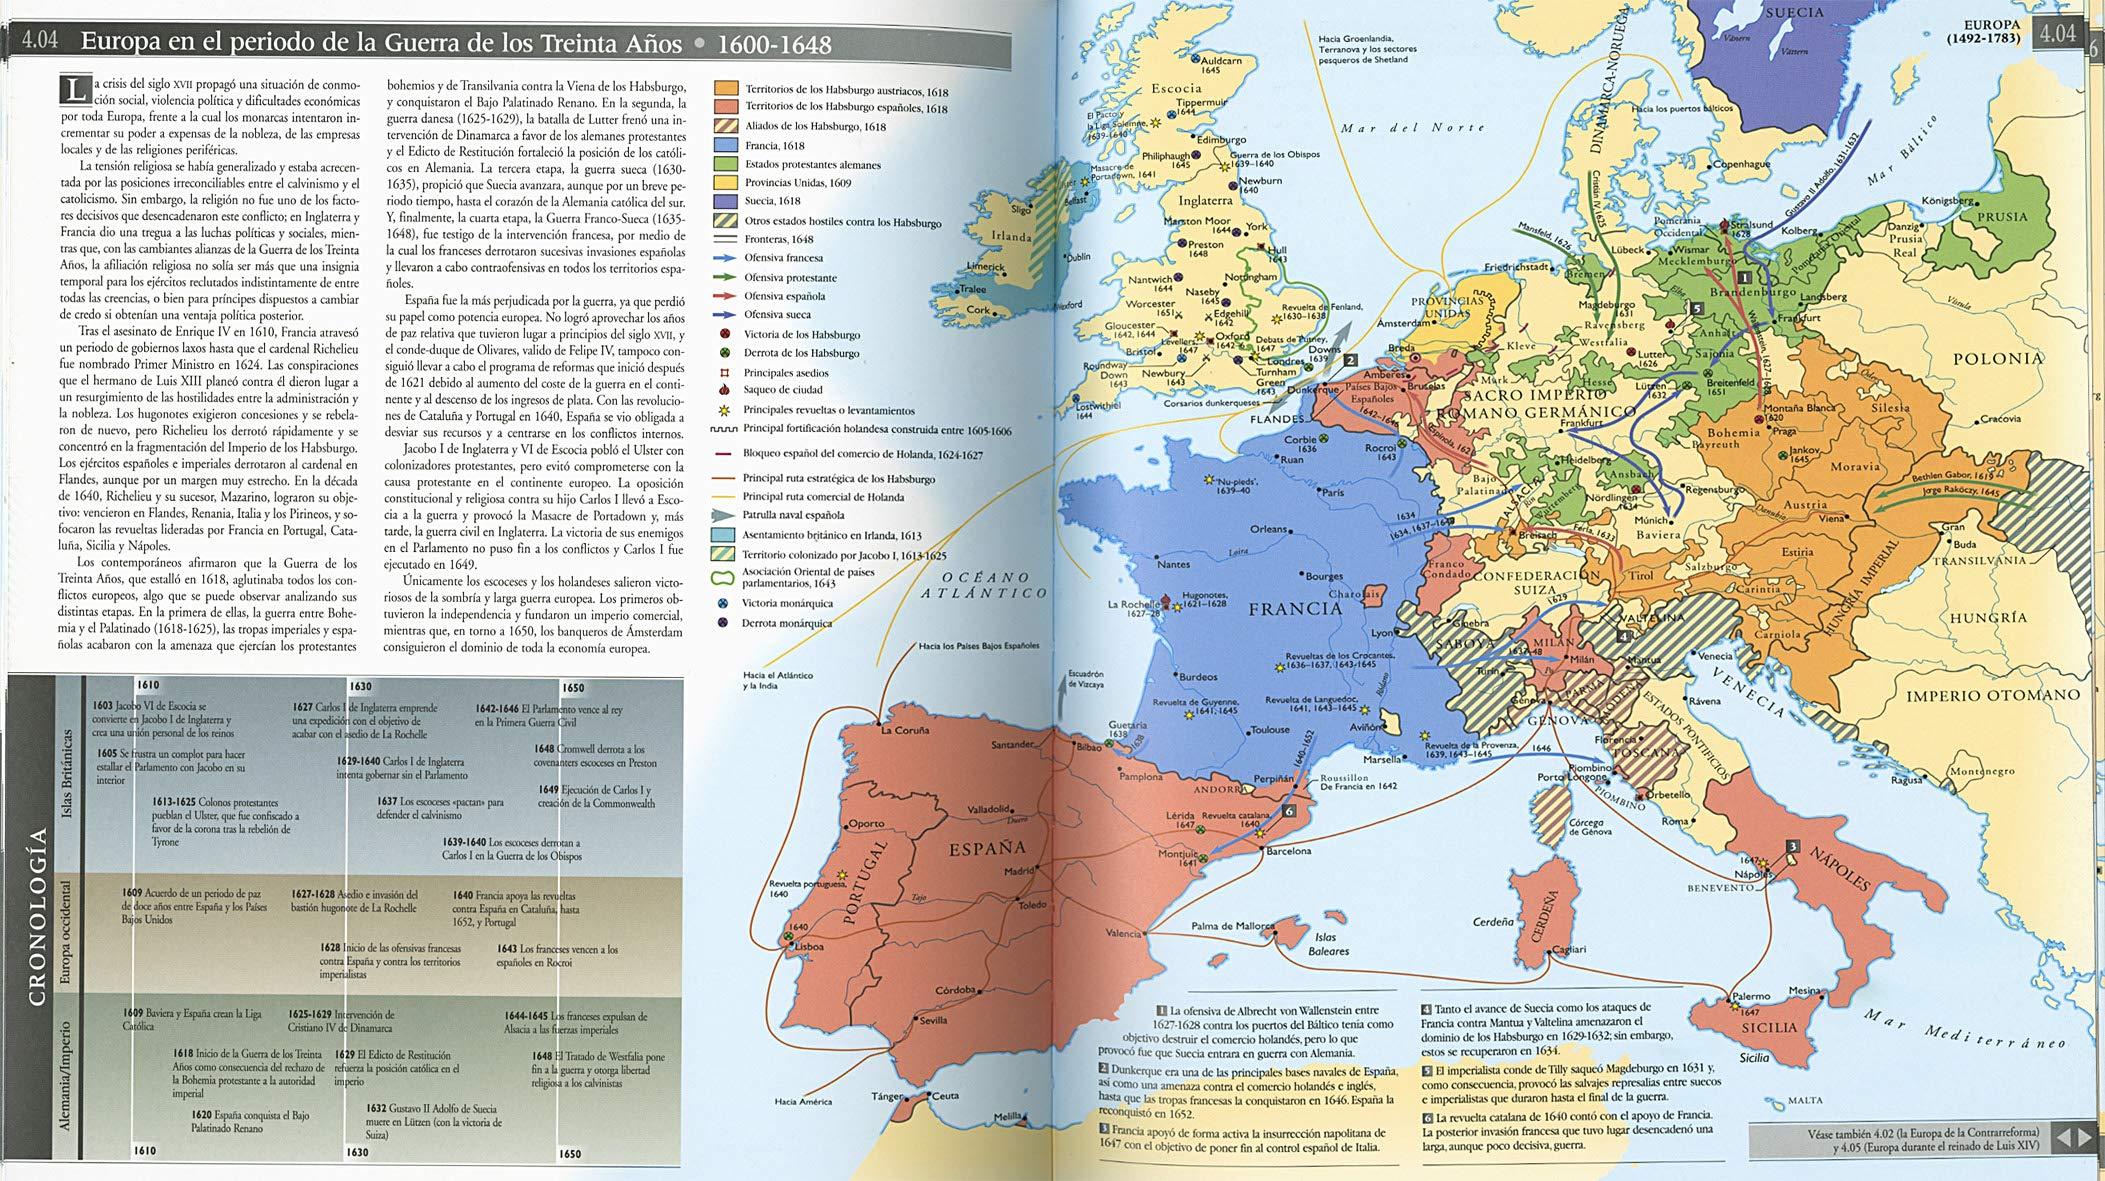 Historia Del Mundo En Mapas (Atlas Ilustrado): Amazon.es: Haywood, John, Catchpole, Brian, Hall, Simon, Barrat, Edward: Libros